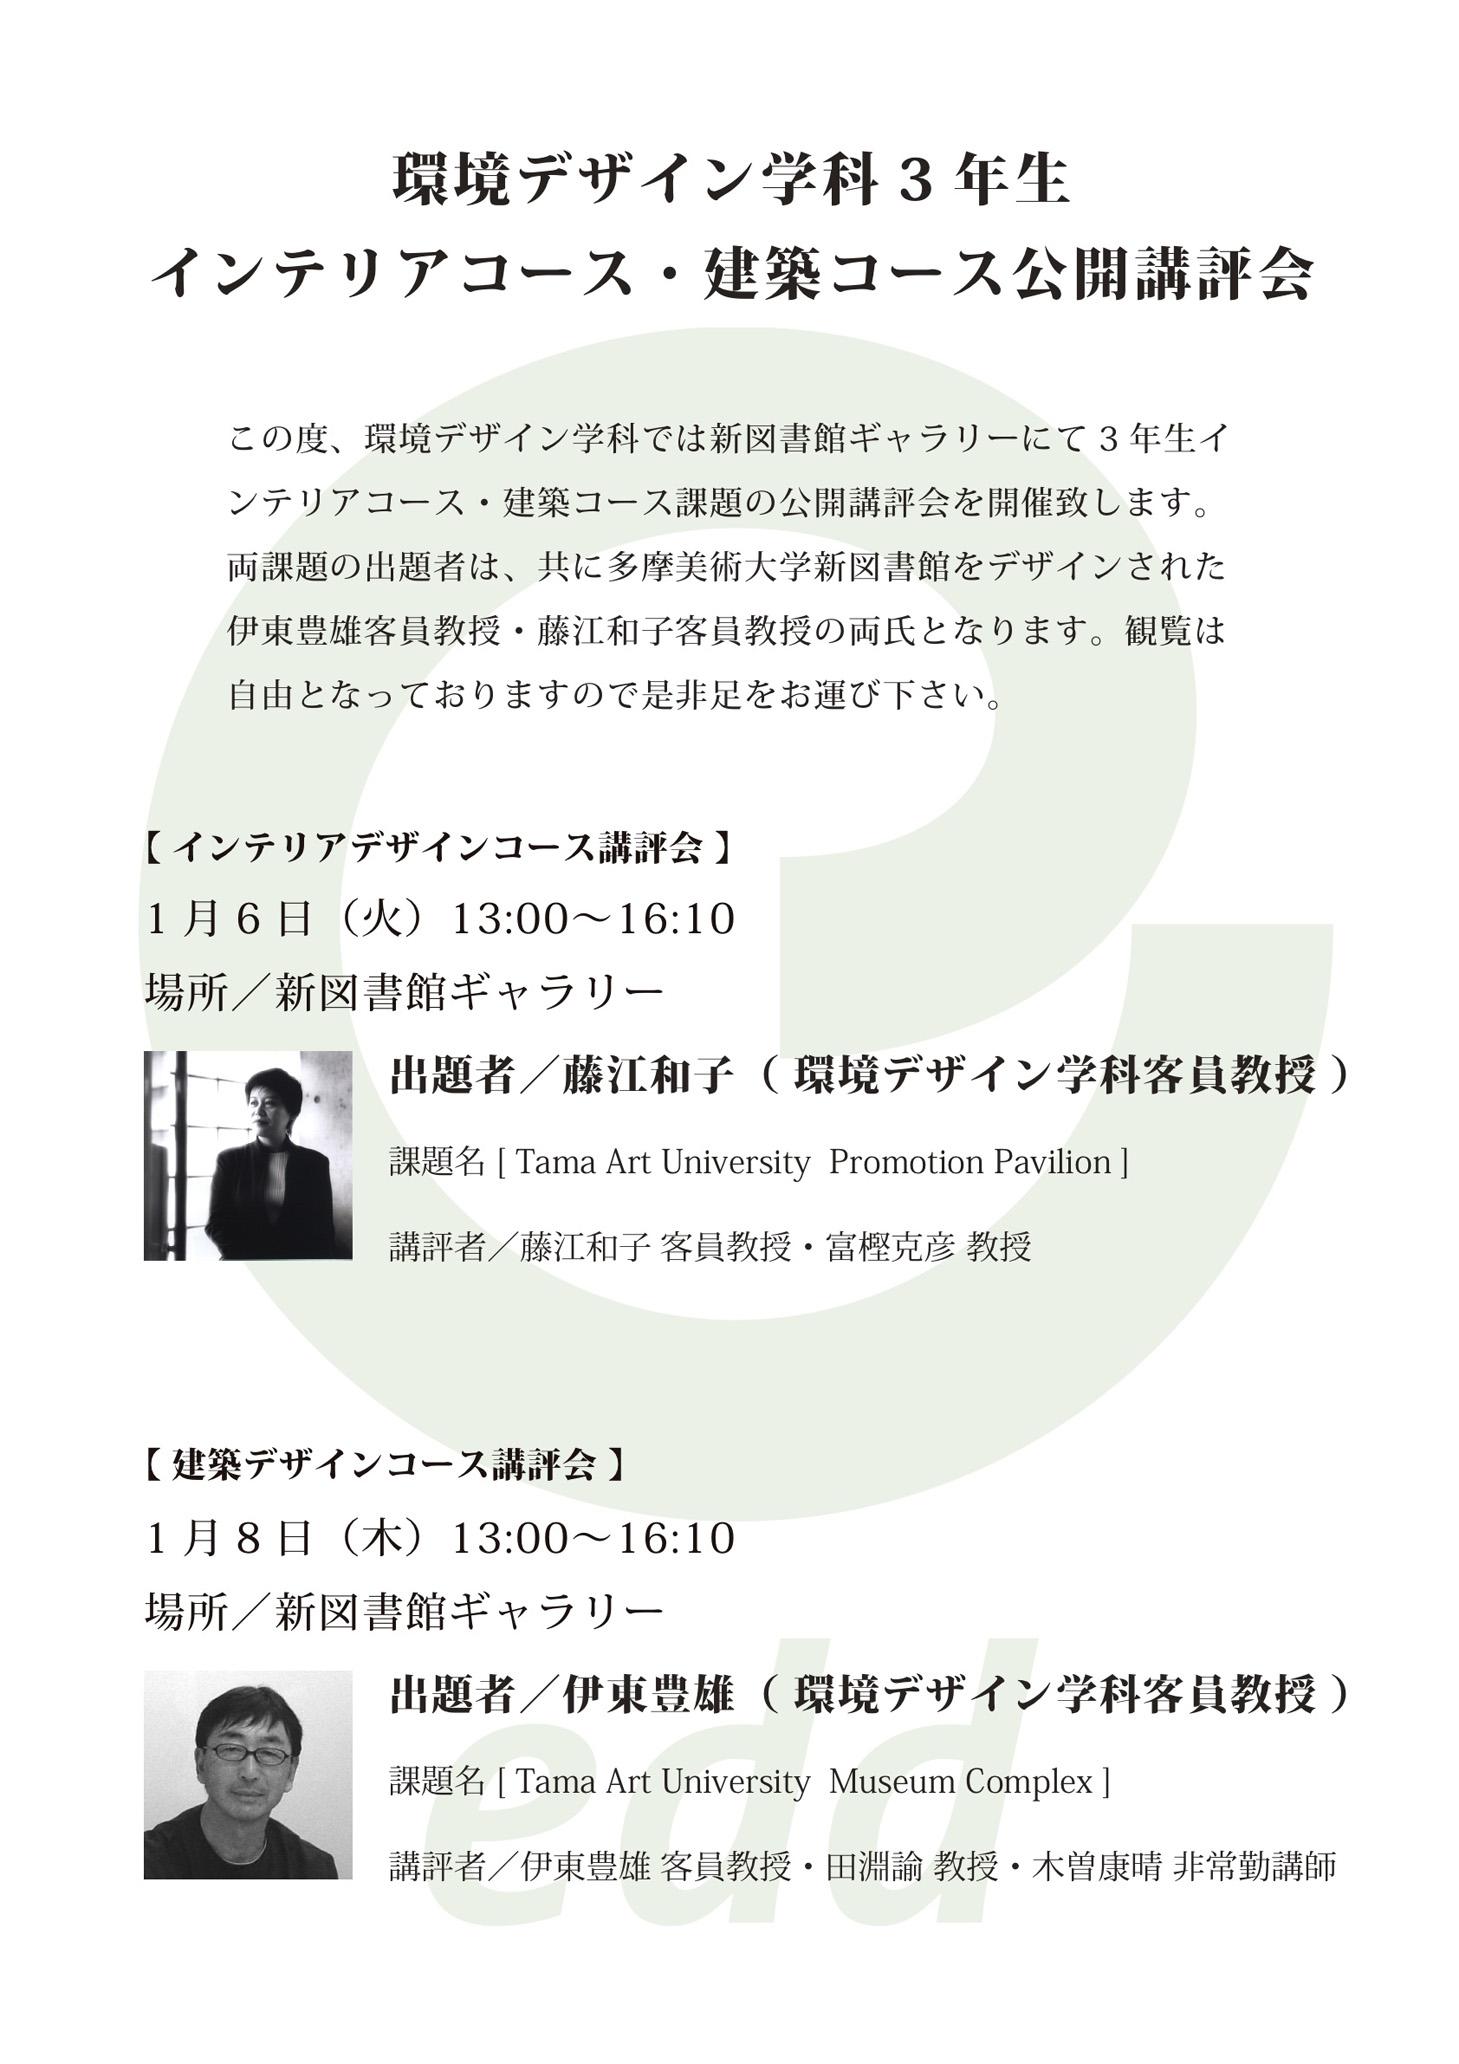 b0049355_1631532.jpg